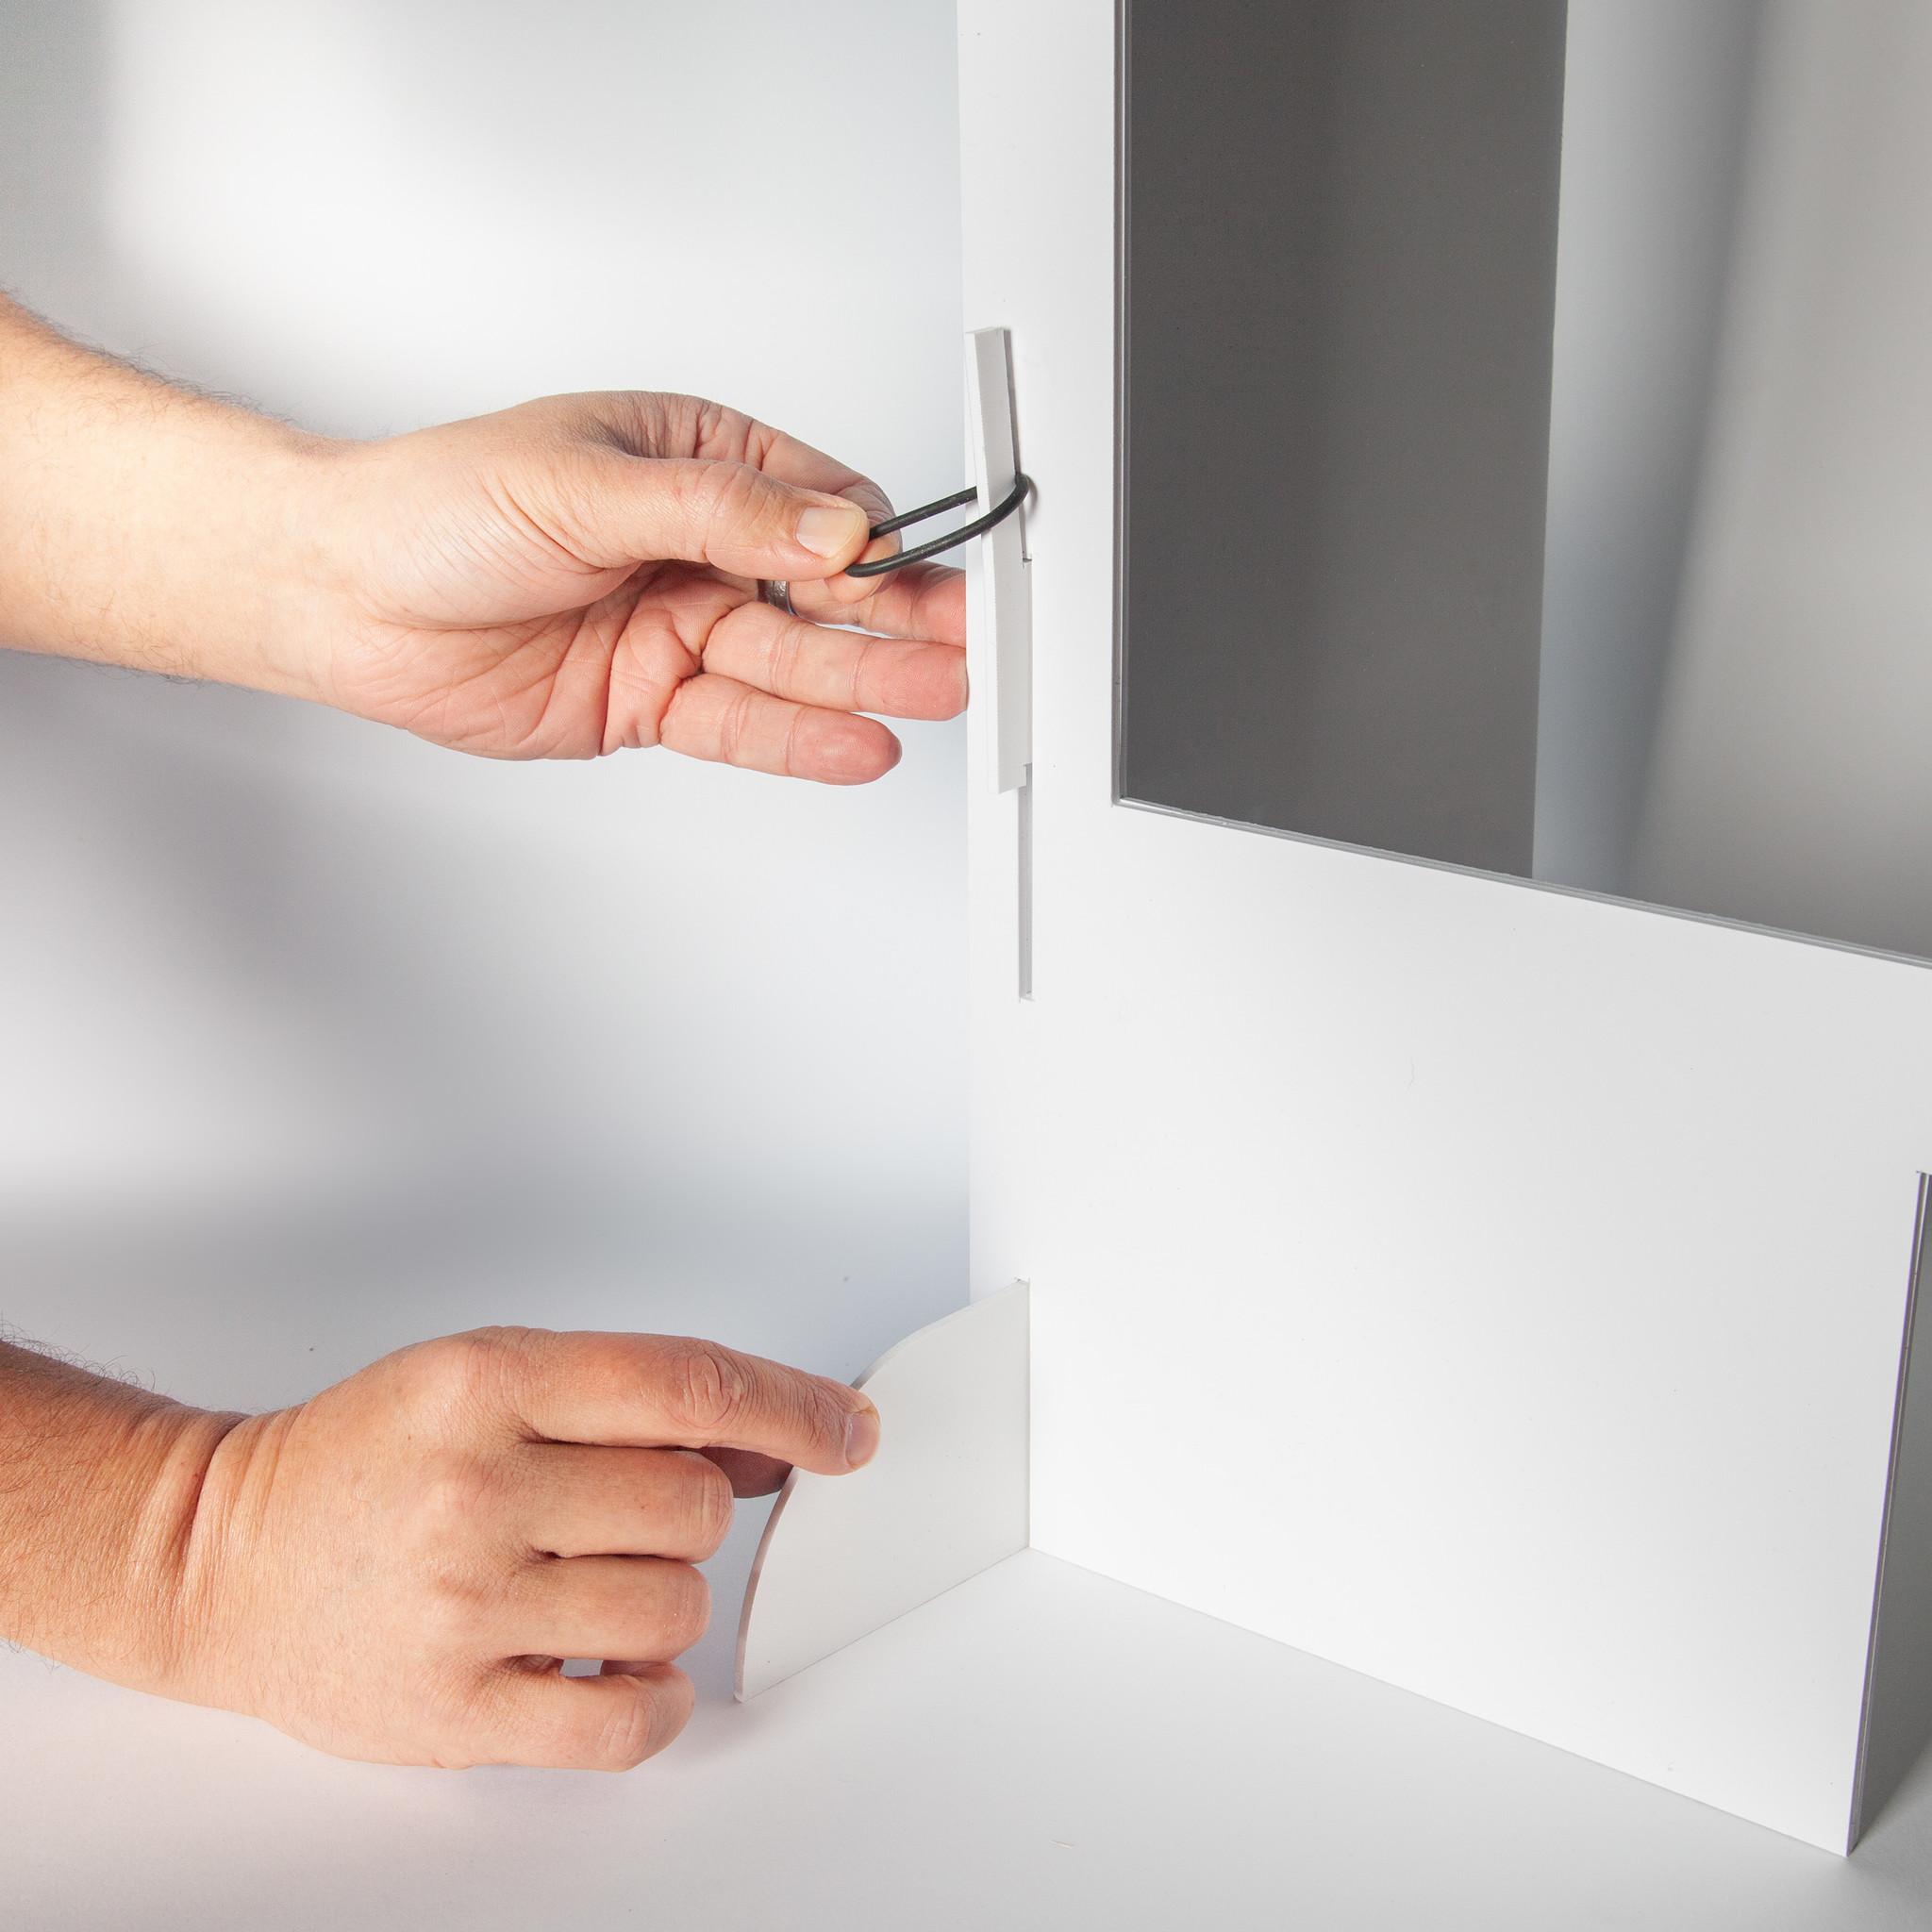 Spuckschutz | SpuckNo | schmal für hohe Handauflagen